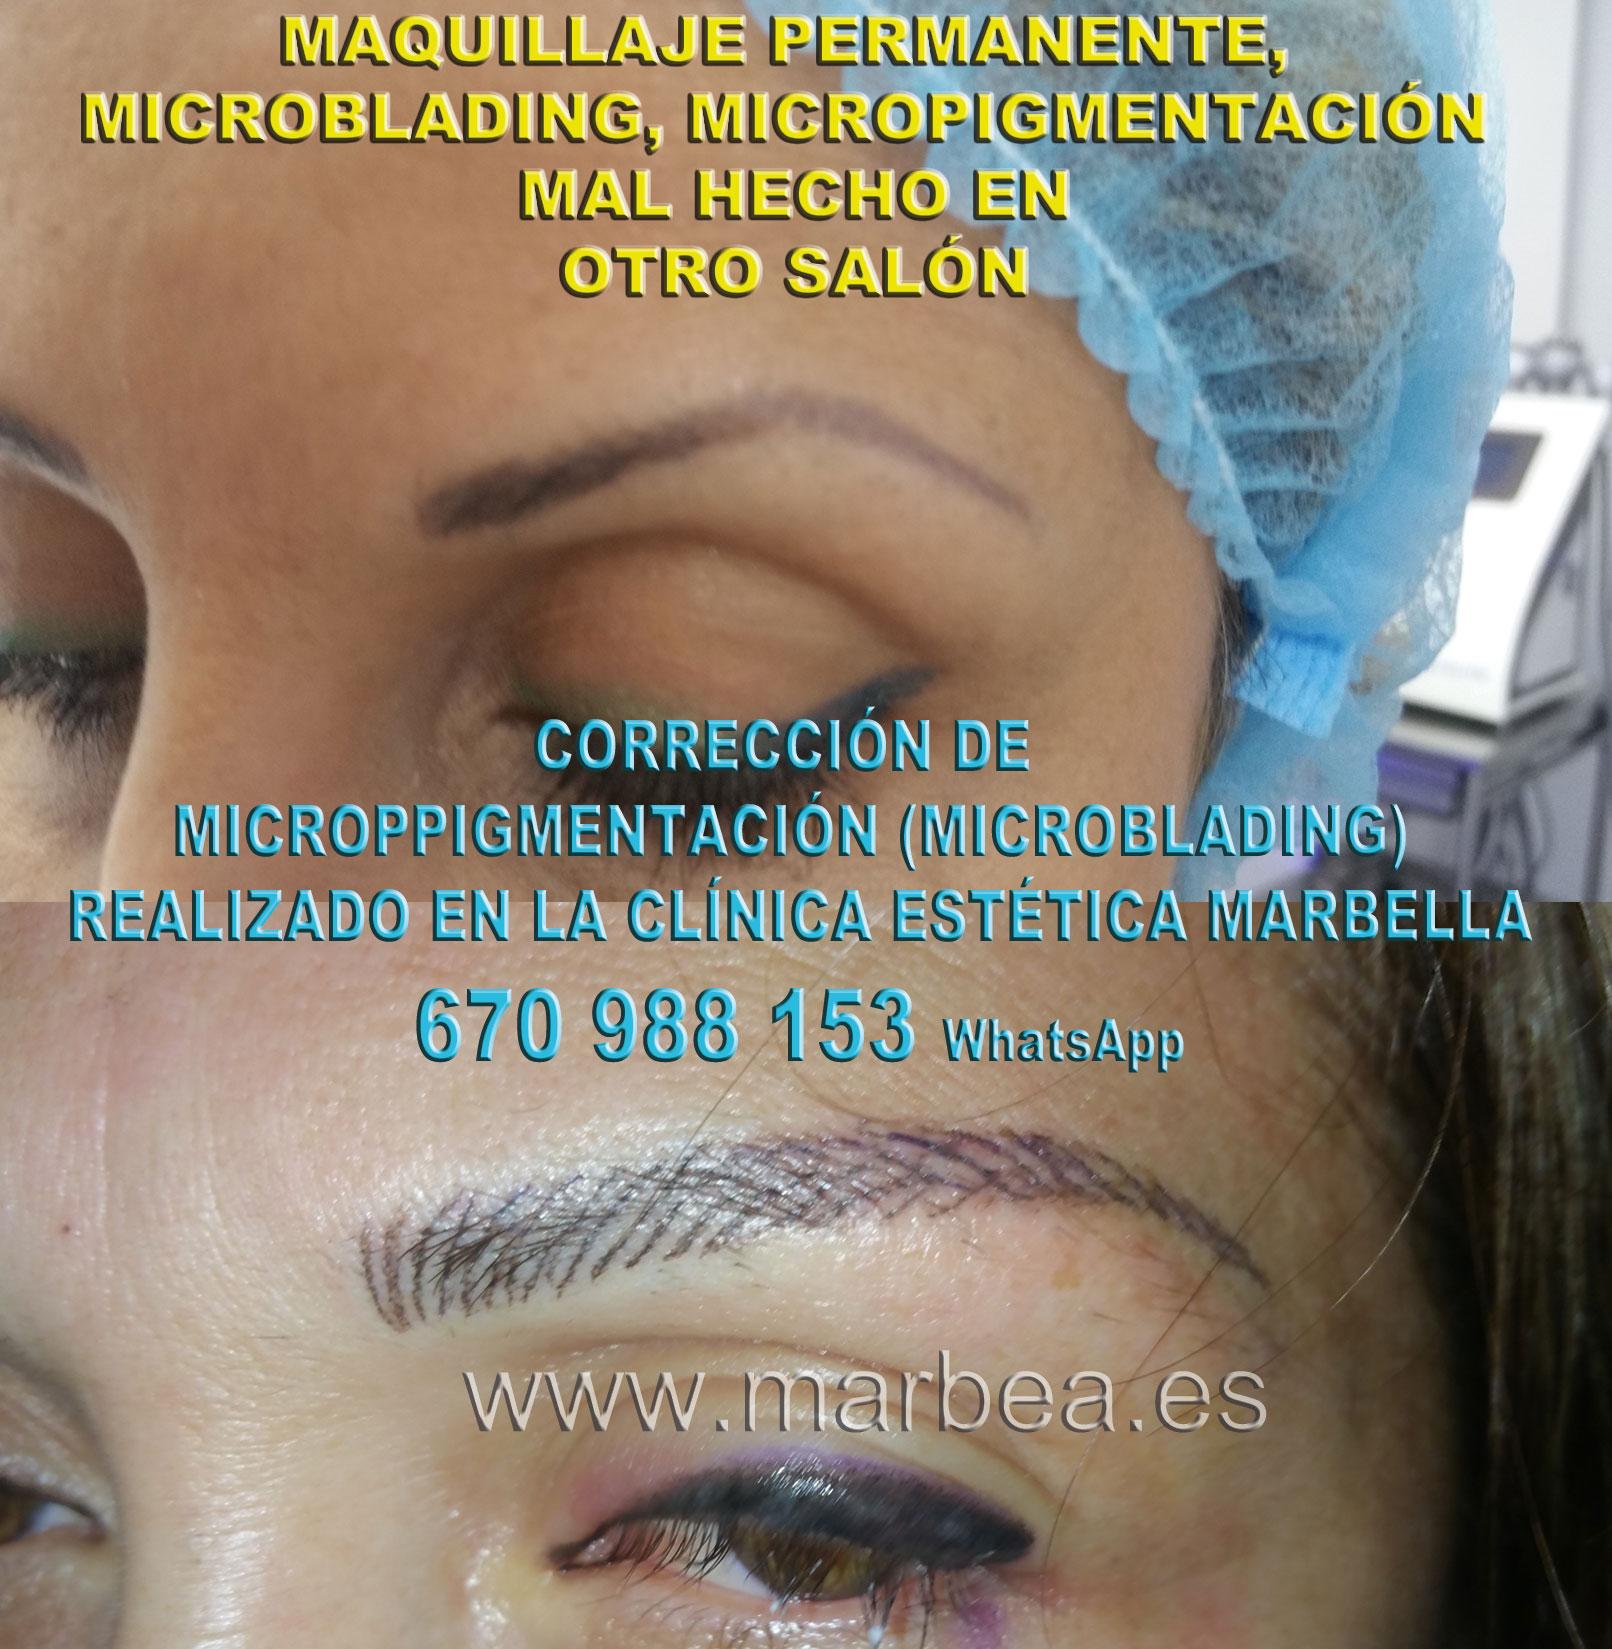 CORREGIR TATUAJE DE CEJAS clínica estética tatuaje propone como aclarar la micropigmentación cejas,reparamos microppigmentacion mal hechos